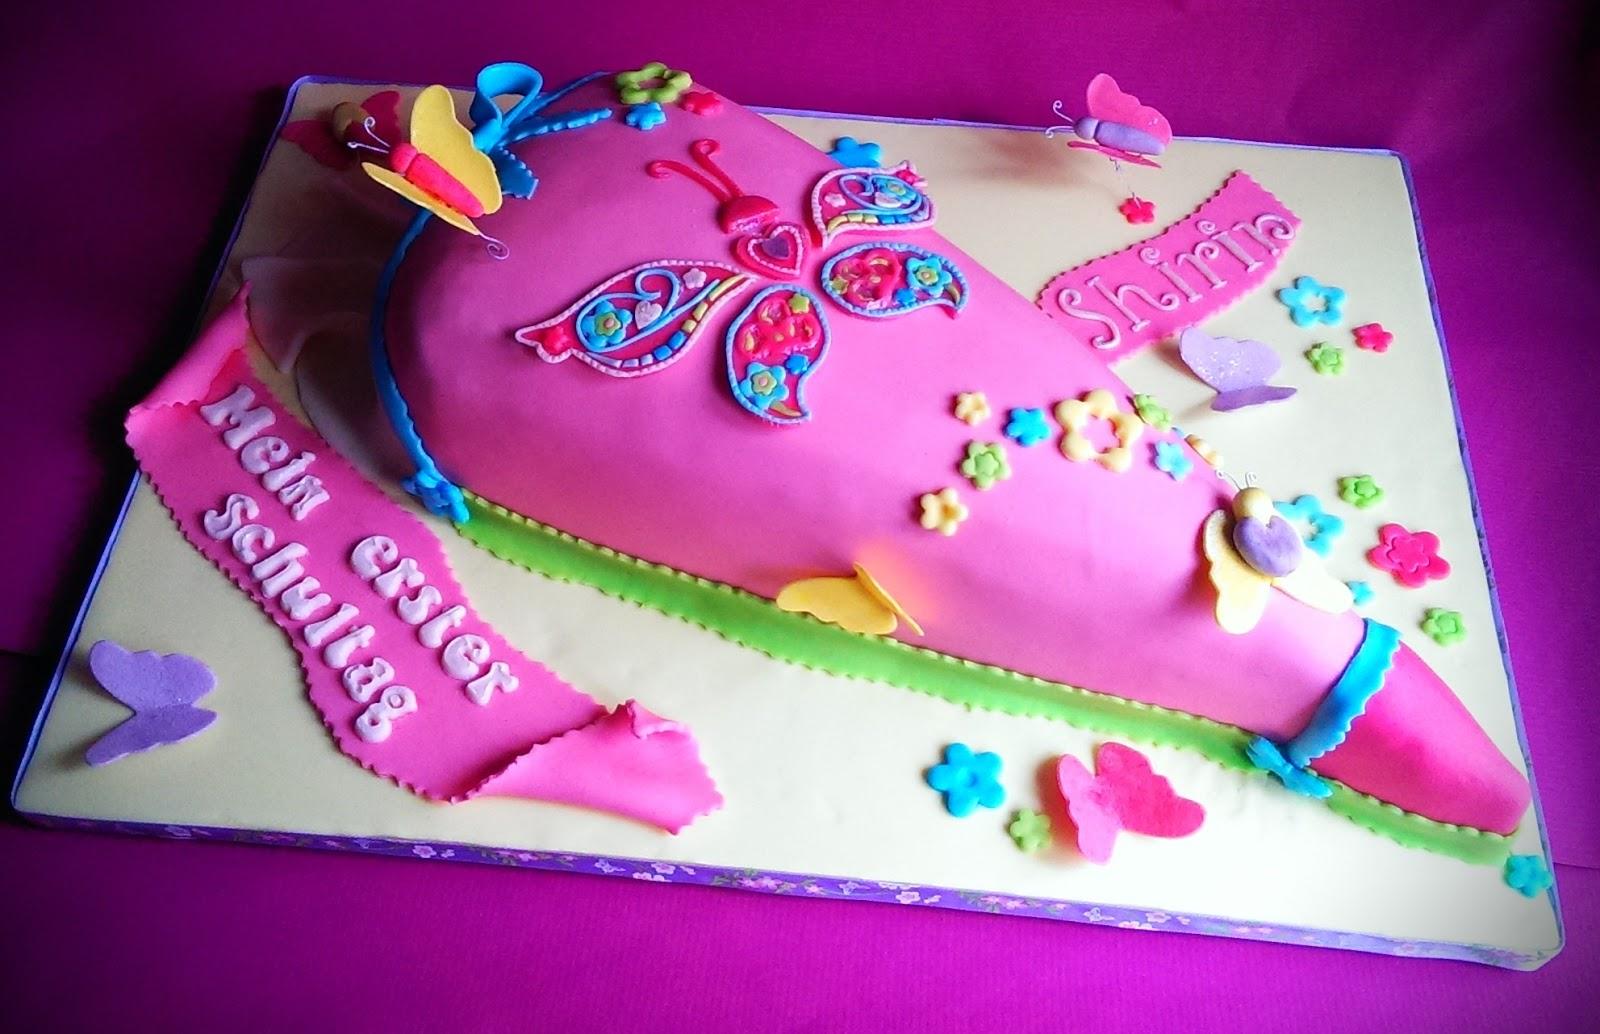 Süßes Sonst Wirds Herzhaft Einschulungstorte